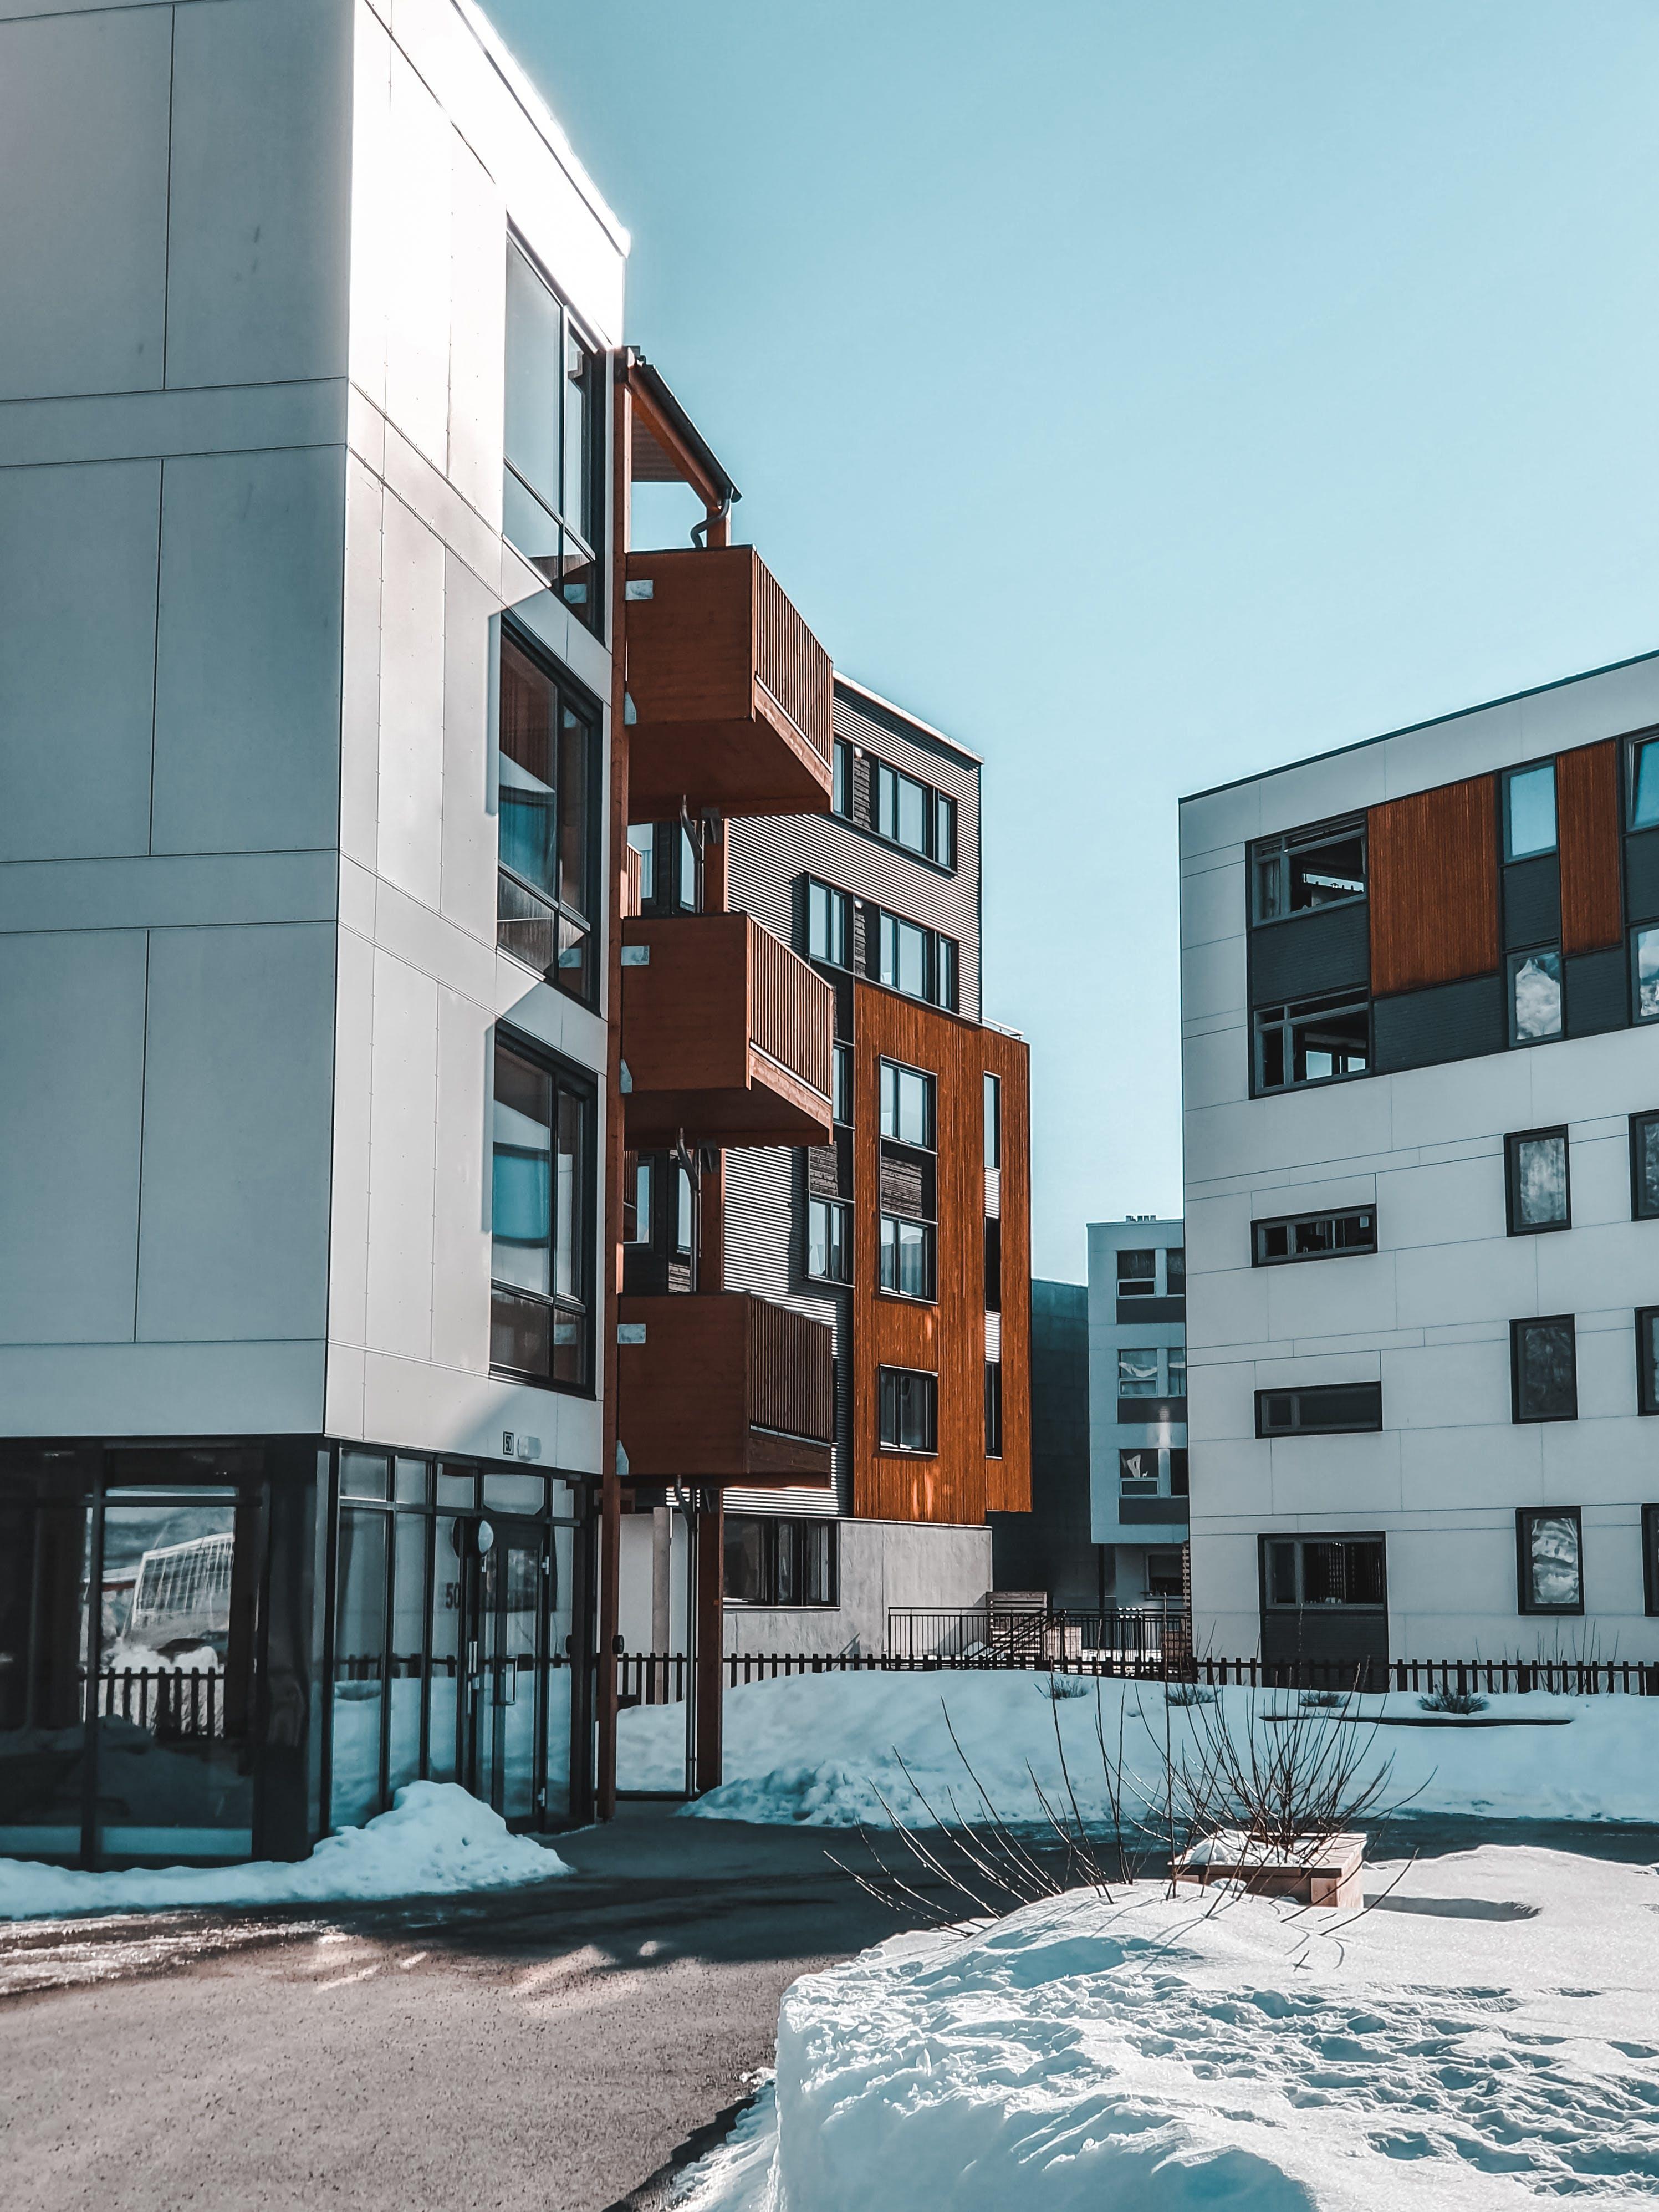 Бесплатное стоковое фото с архитектура, Архитектурное проектирование, Балкон, городской